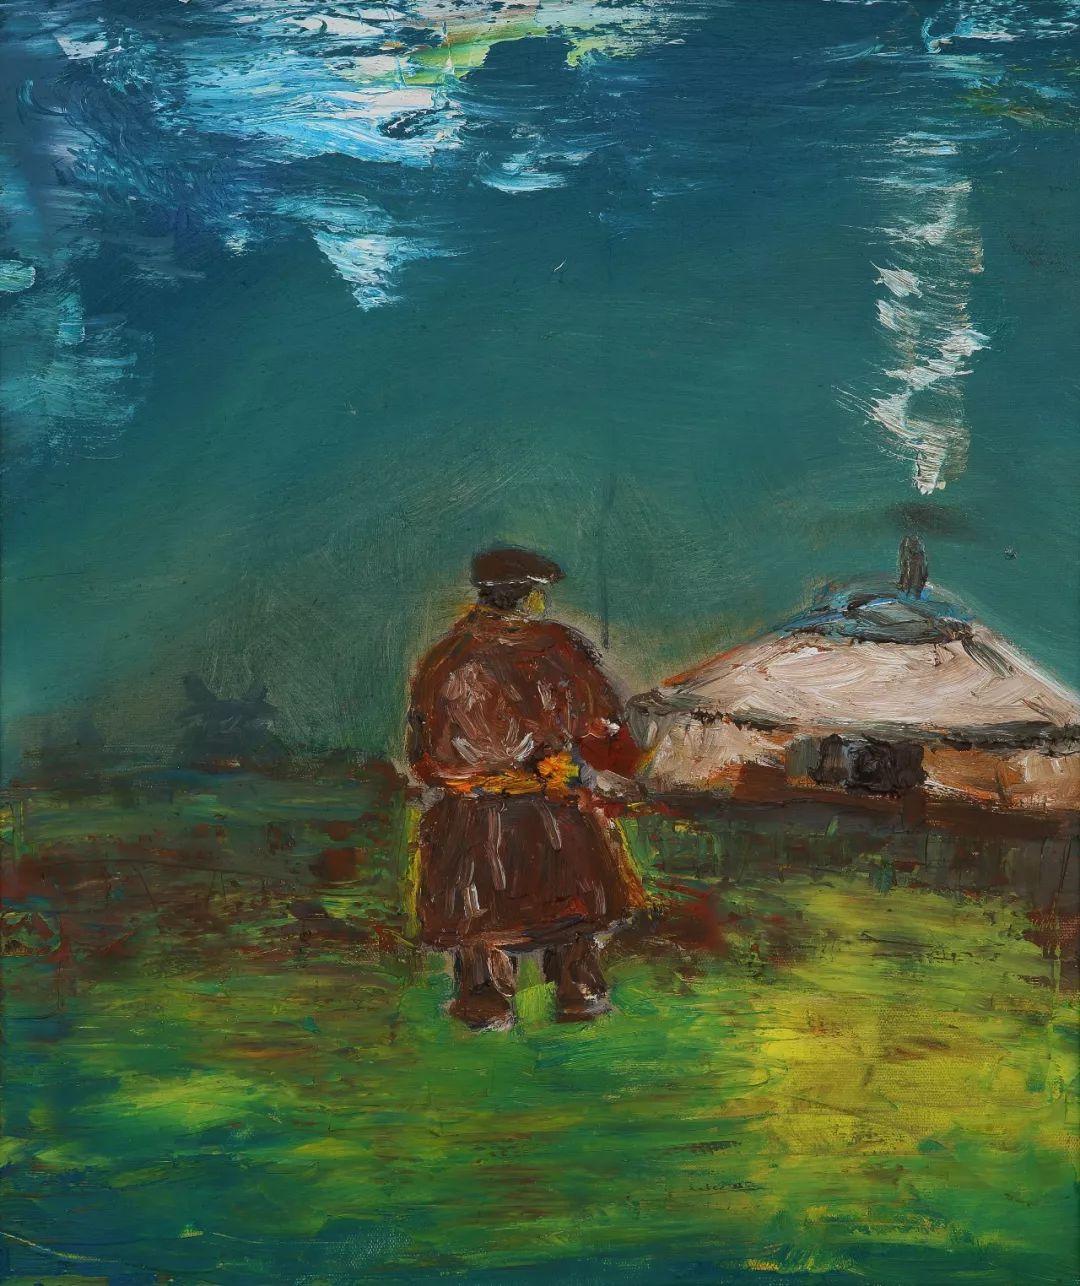 中国当代蒙古族实力派青年画家,雕塑艺术家阿鲁斯 第23张